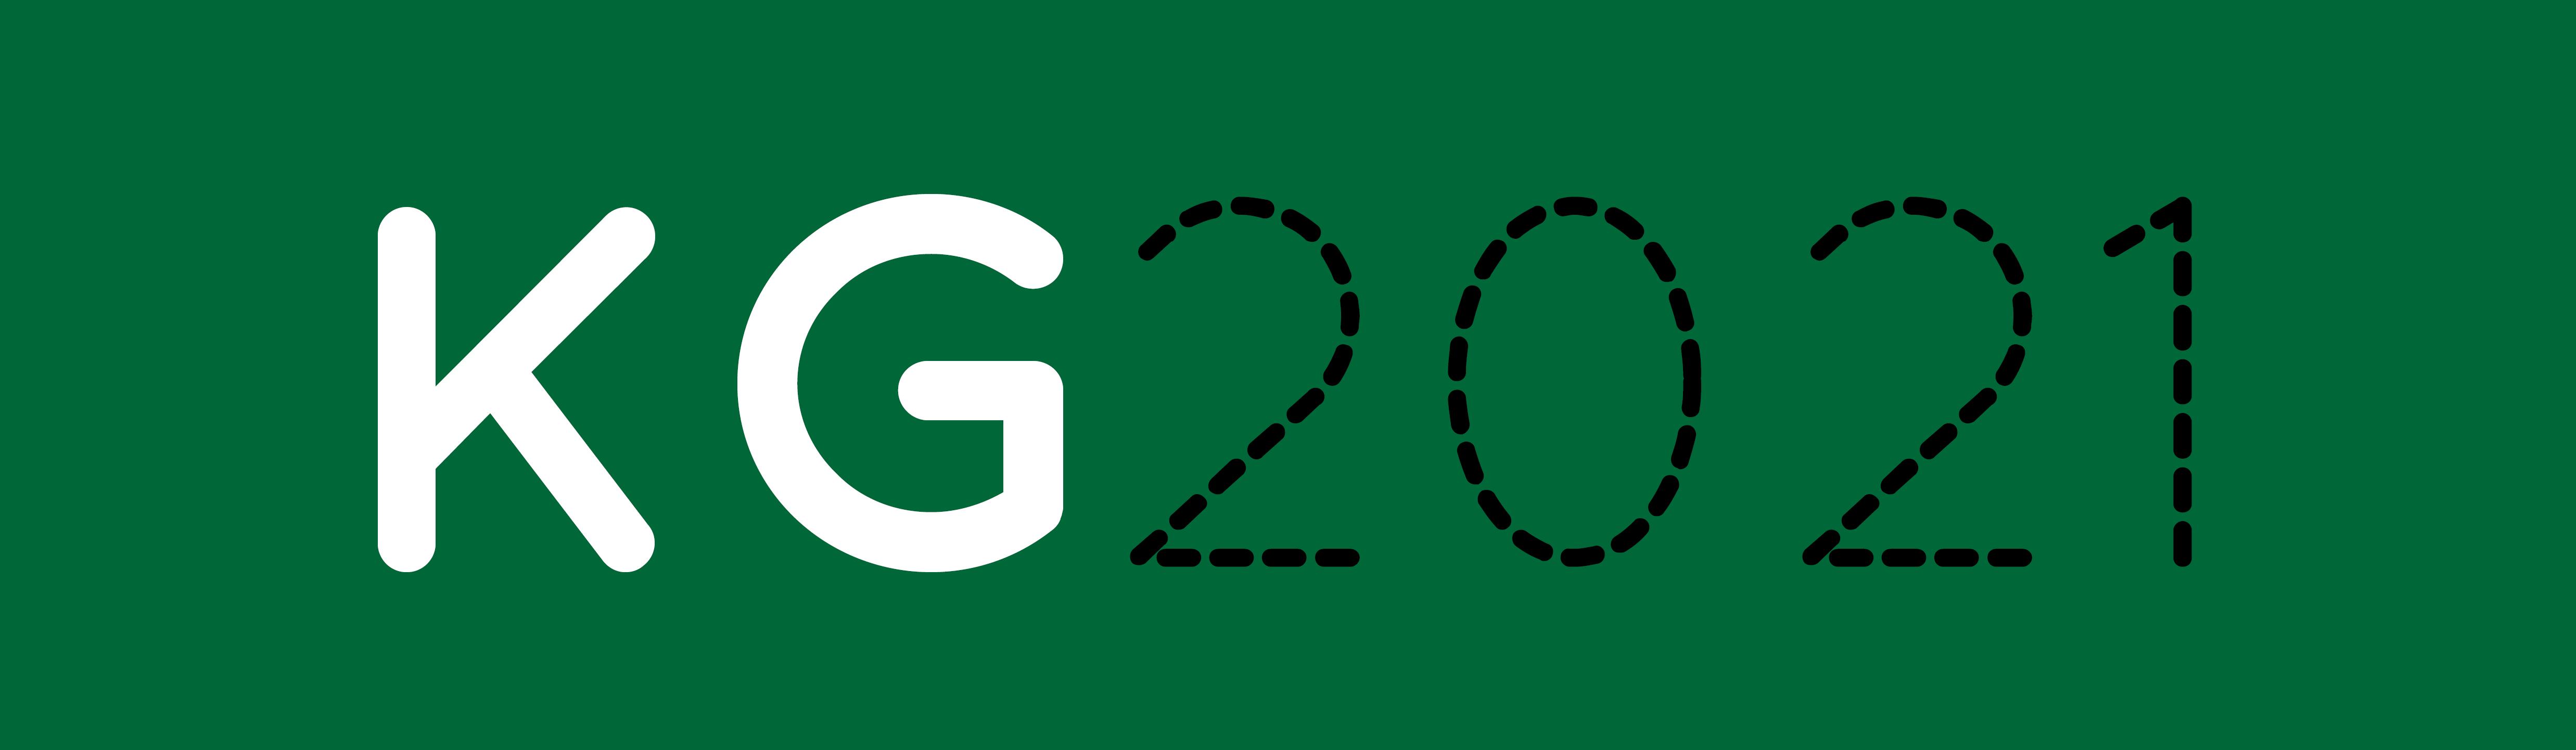 KG2021 logo